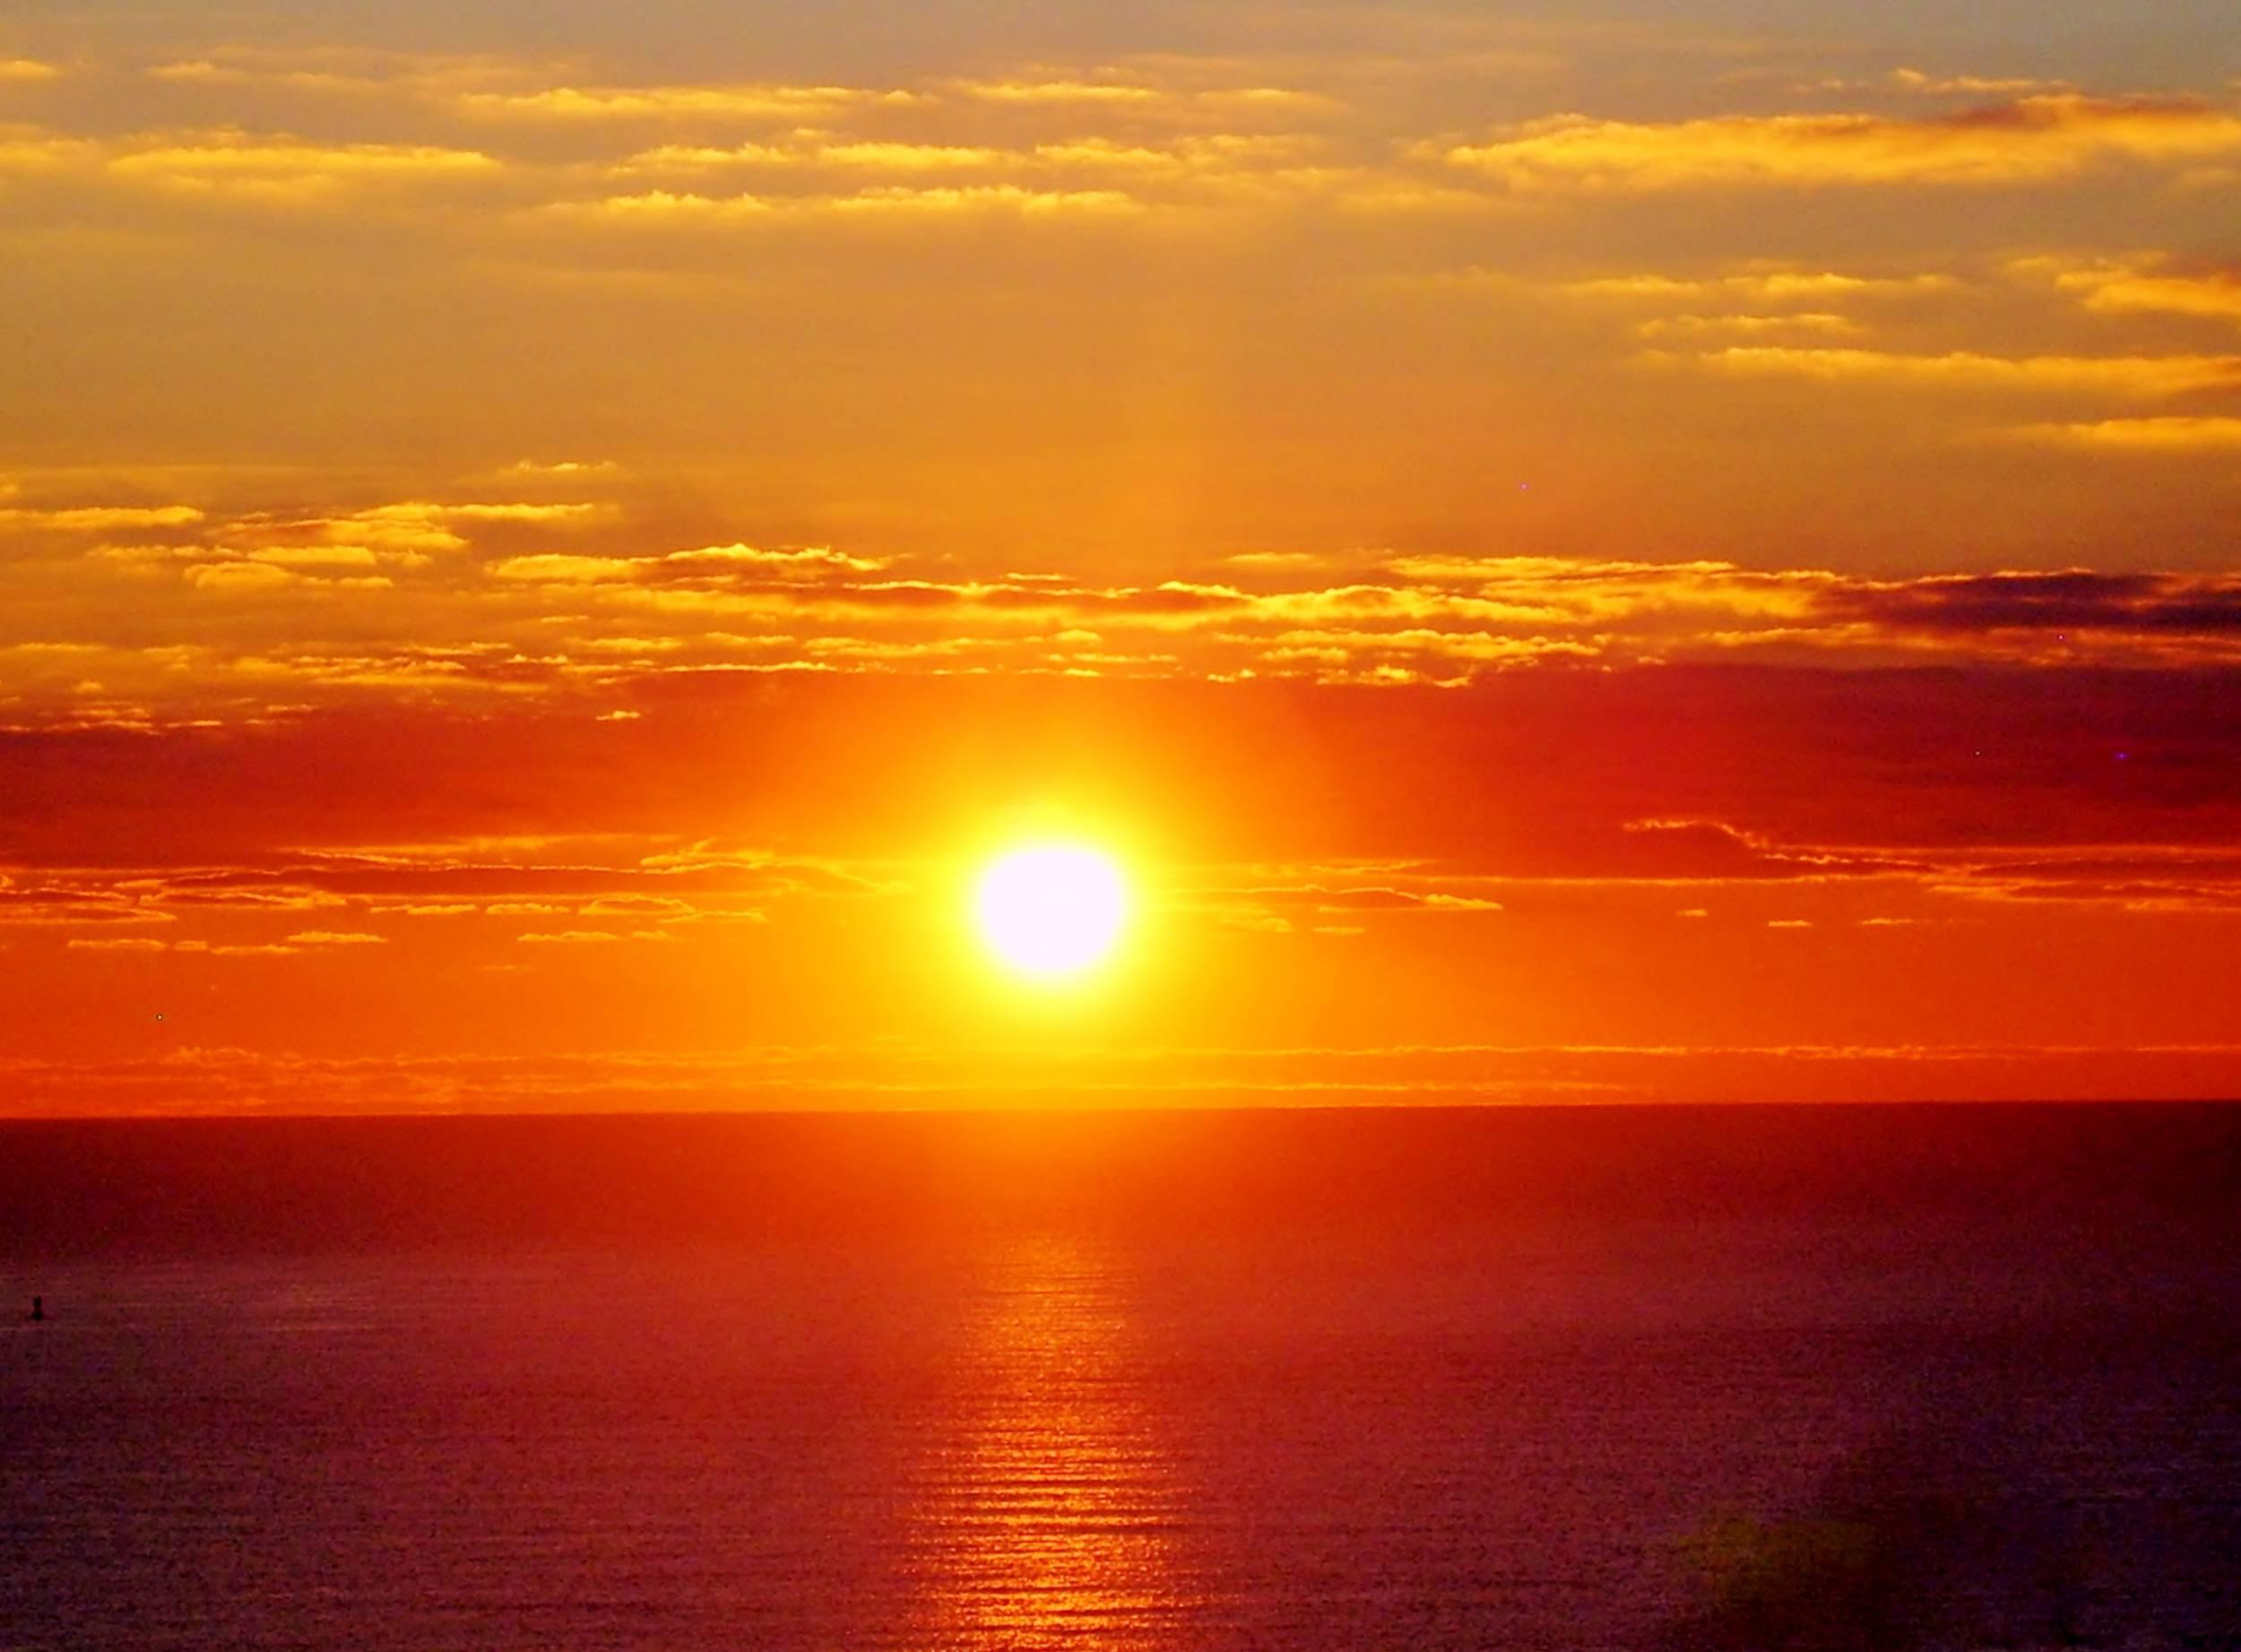 Hình nền 2500x1843 - Mặt trời mọc, Joannie Budge - tải xuống miễn phí